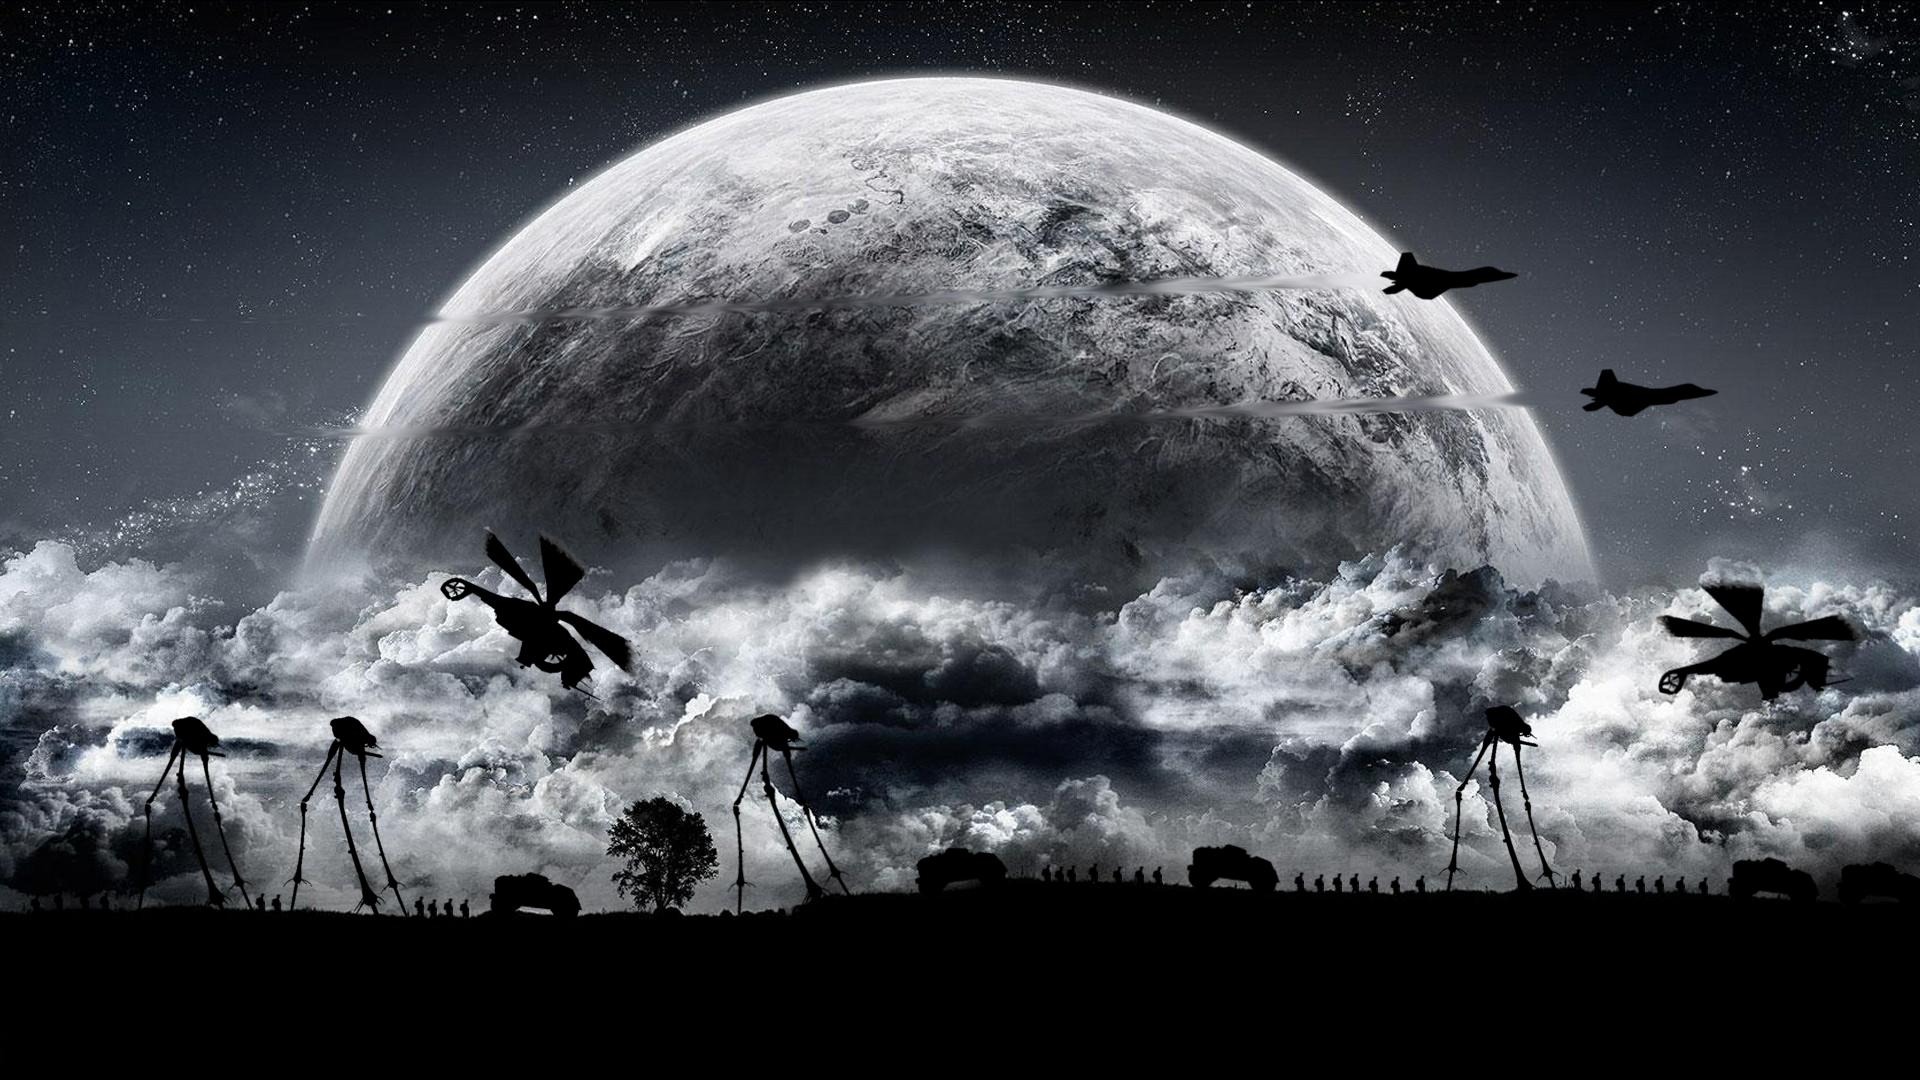 Half Life 2 Combine Wallpaper: Hl2 Combine + Moon By TmViktor On DeviantArt